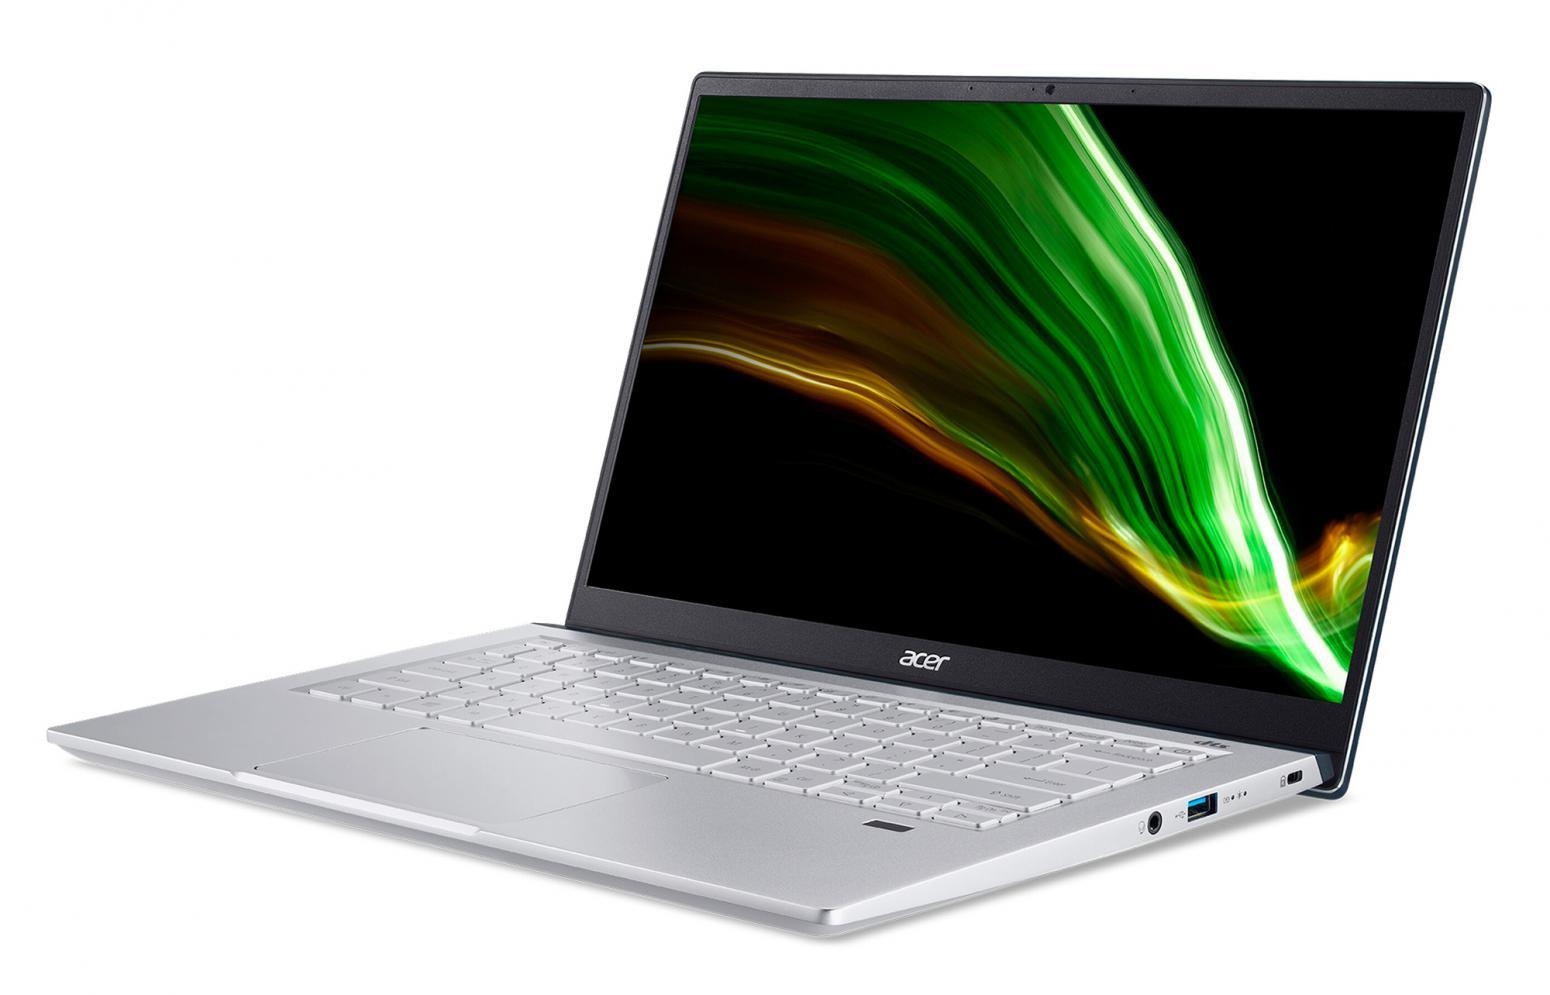 Ordinateur portable Acer Swift X SFX14-41G-R8U0 Argent/Bleu - GTX 1650, Pro - photo 6